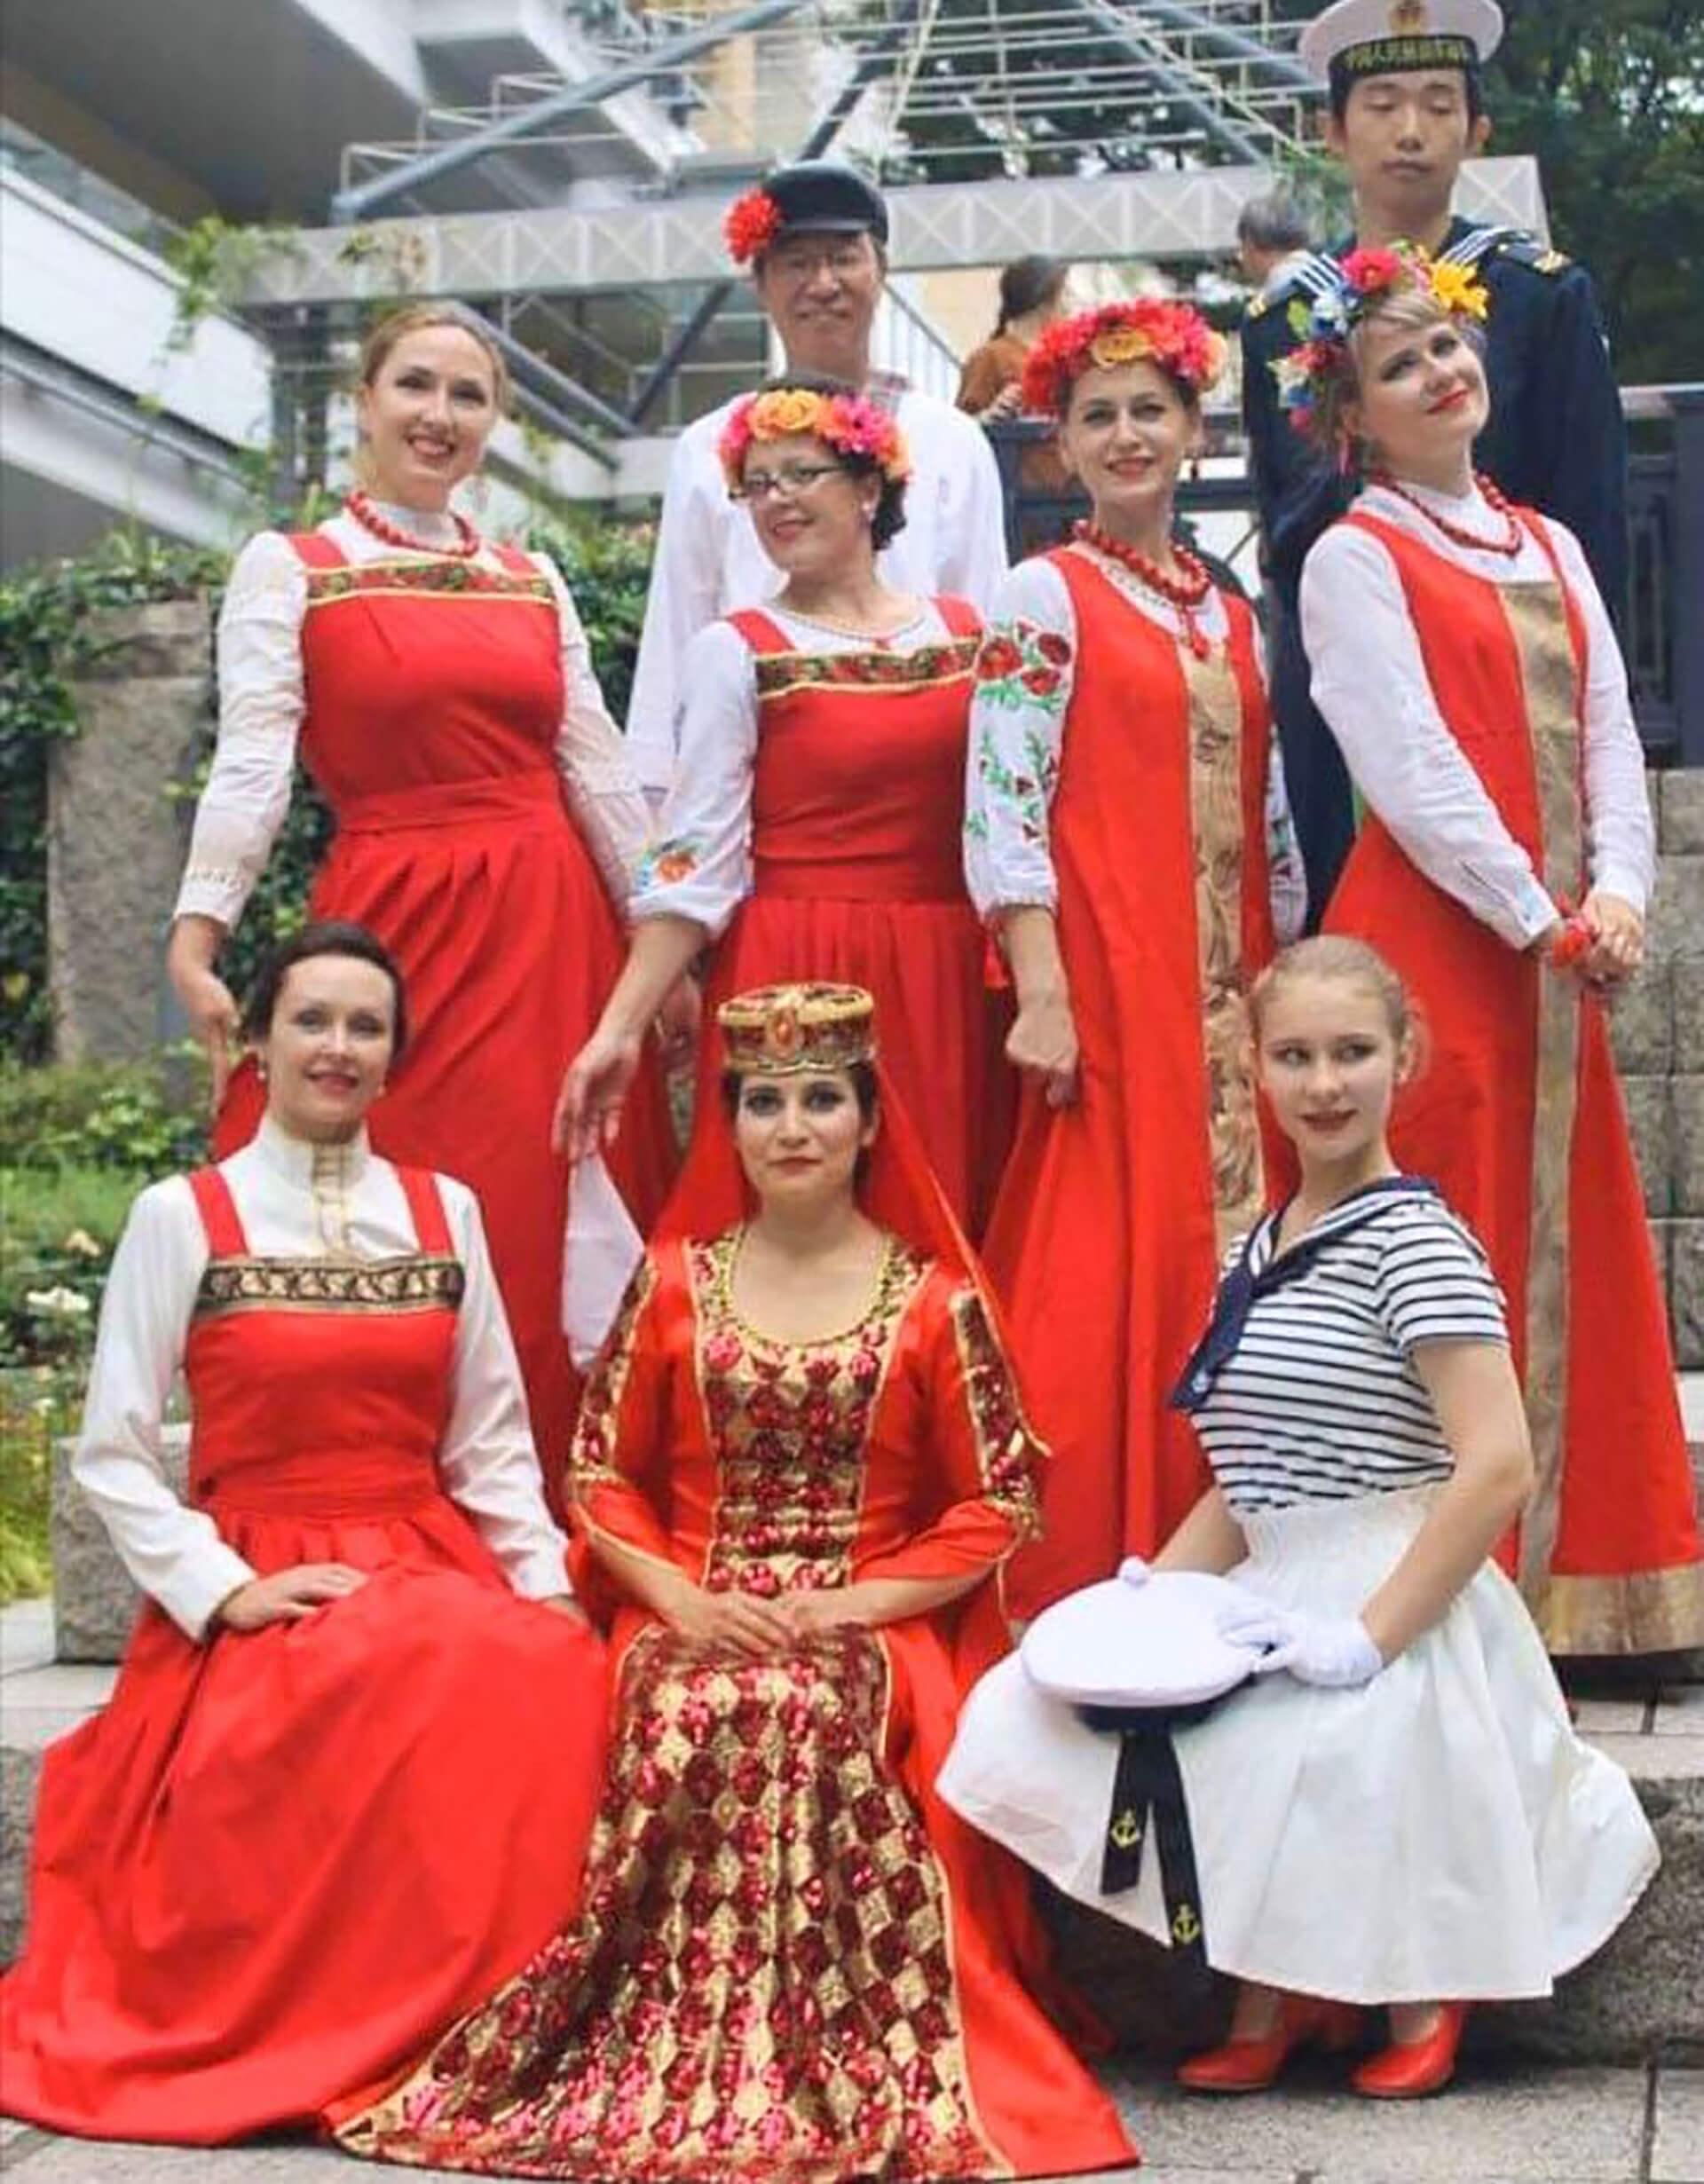 ロシア・ユーラシア文化祭『プラーズニク』スラブ民族舞踊団体